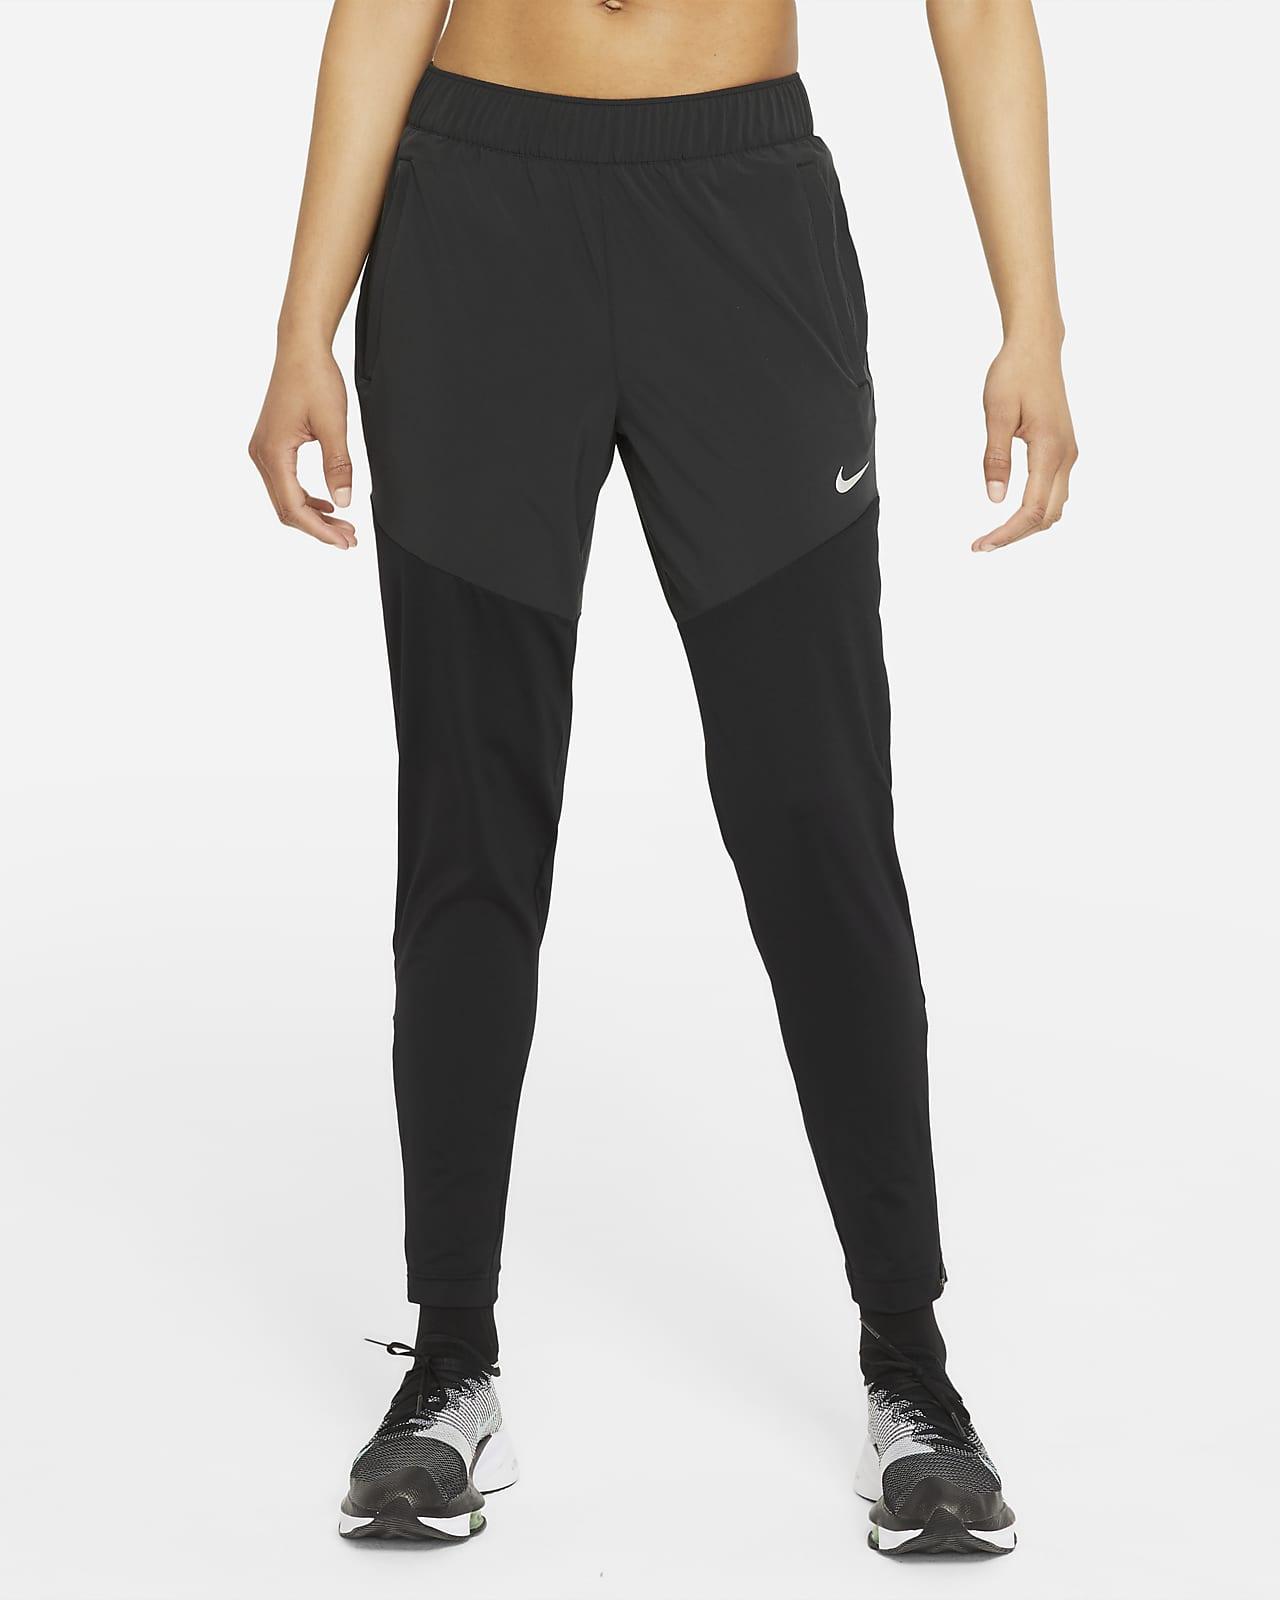 Pantalon de running Nike Dri-FIT Essential pour Femme